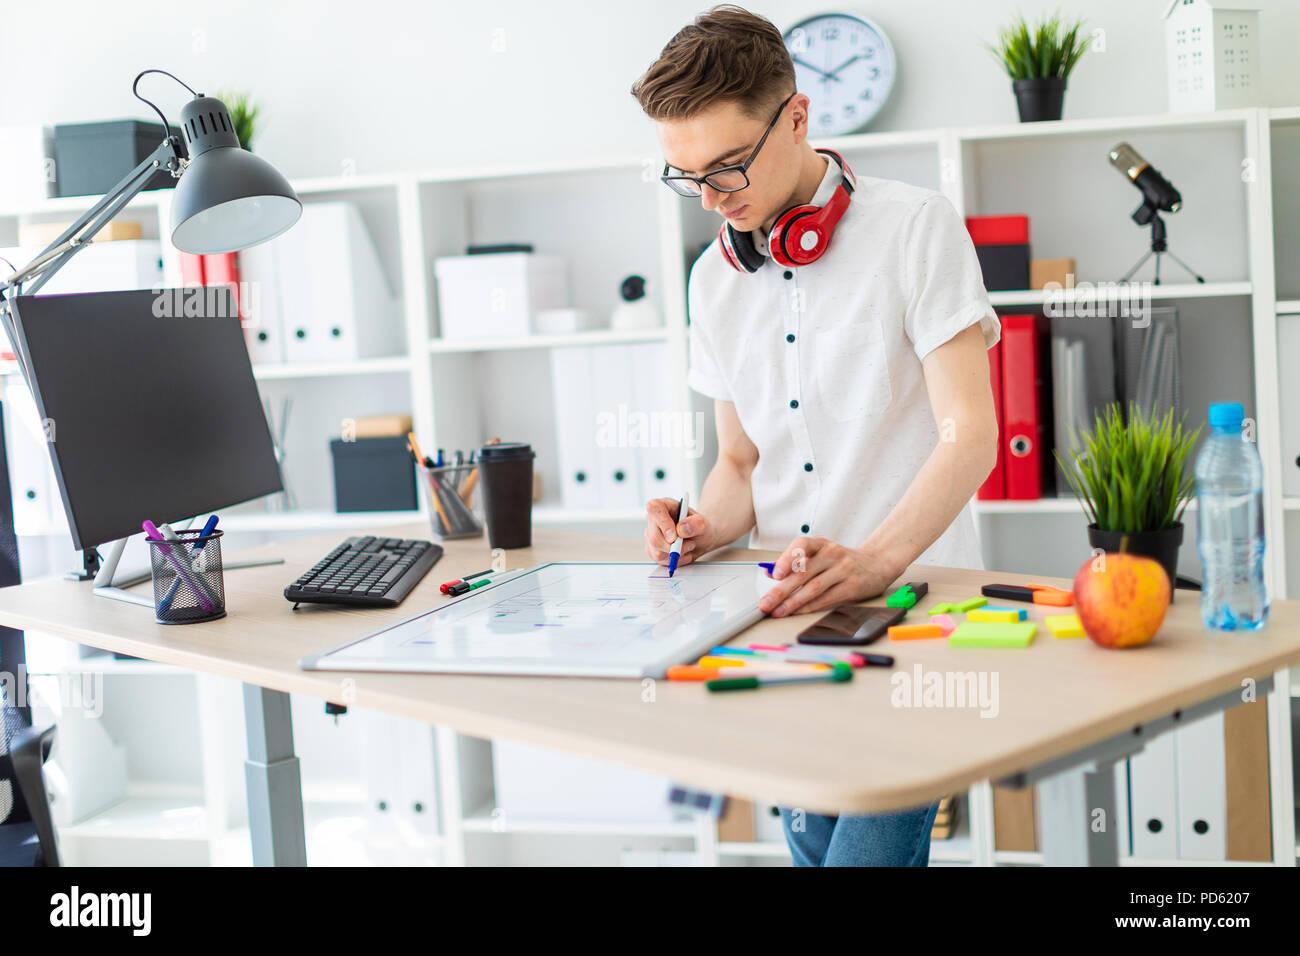 Ein junger Mann in Gläsern steht in der Nähe ein Computer Schreibtisch. Ein junger Mann zeichnet eine Markierung auf einem magnetischen Brett. Auf dem Hals, die Kopfhörer der Kerl hängen. Stockbild